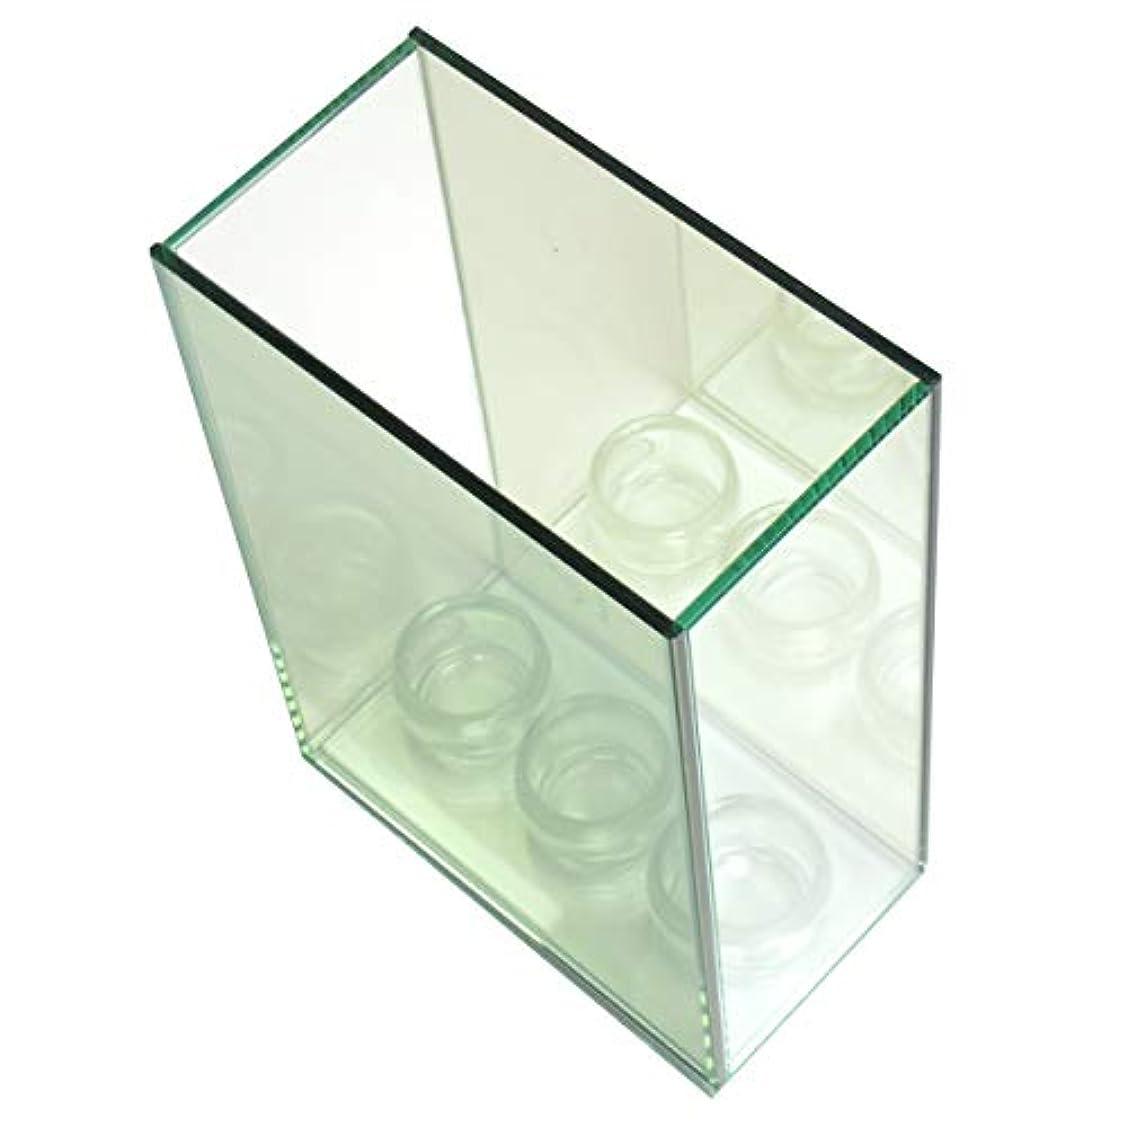 貼り直す工夫する緊張無限連鎖キャンドルホルダー 3連 ガラス キャンドルスタンド ランタン 誕生日 ティーライトキャンドル